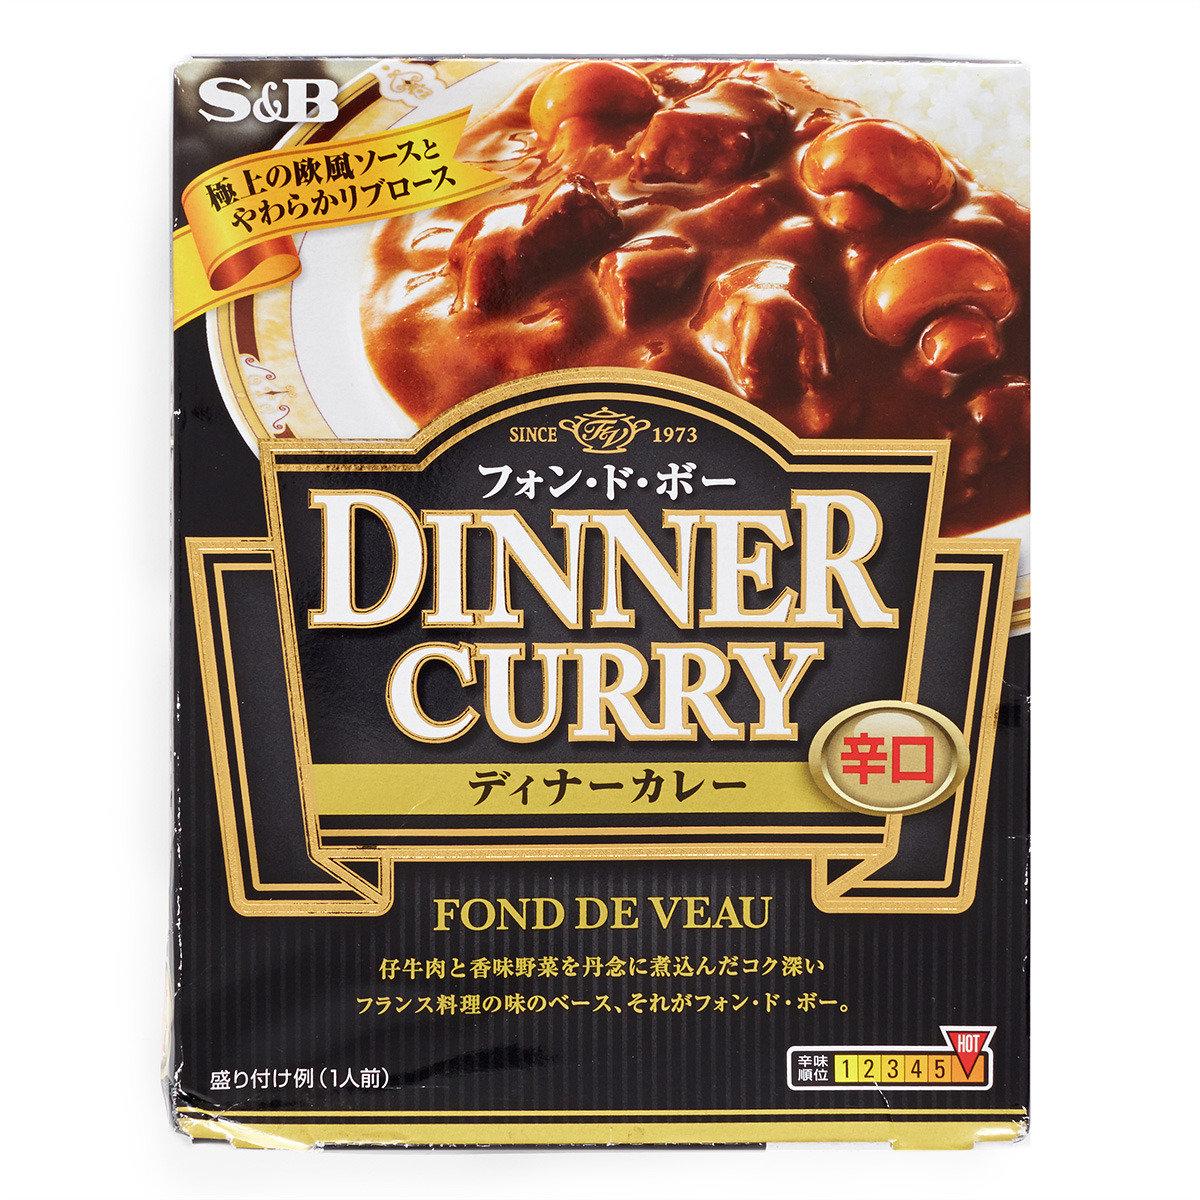 晚餐即食咖喱(辛口)